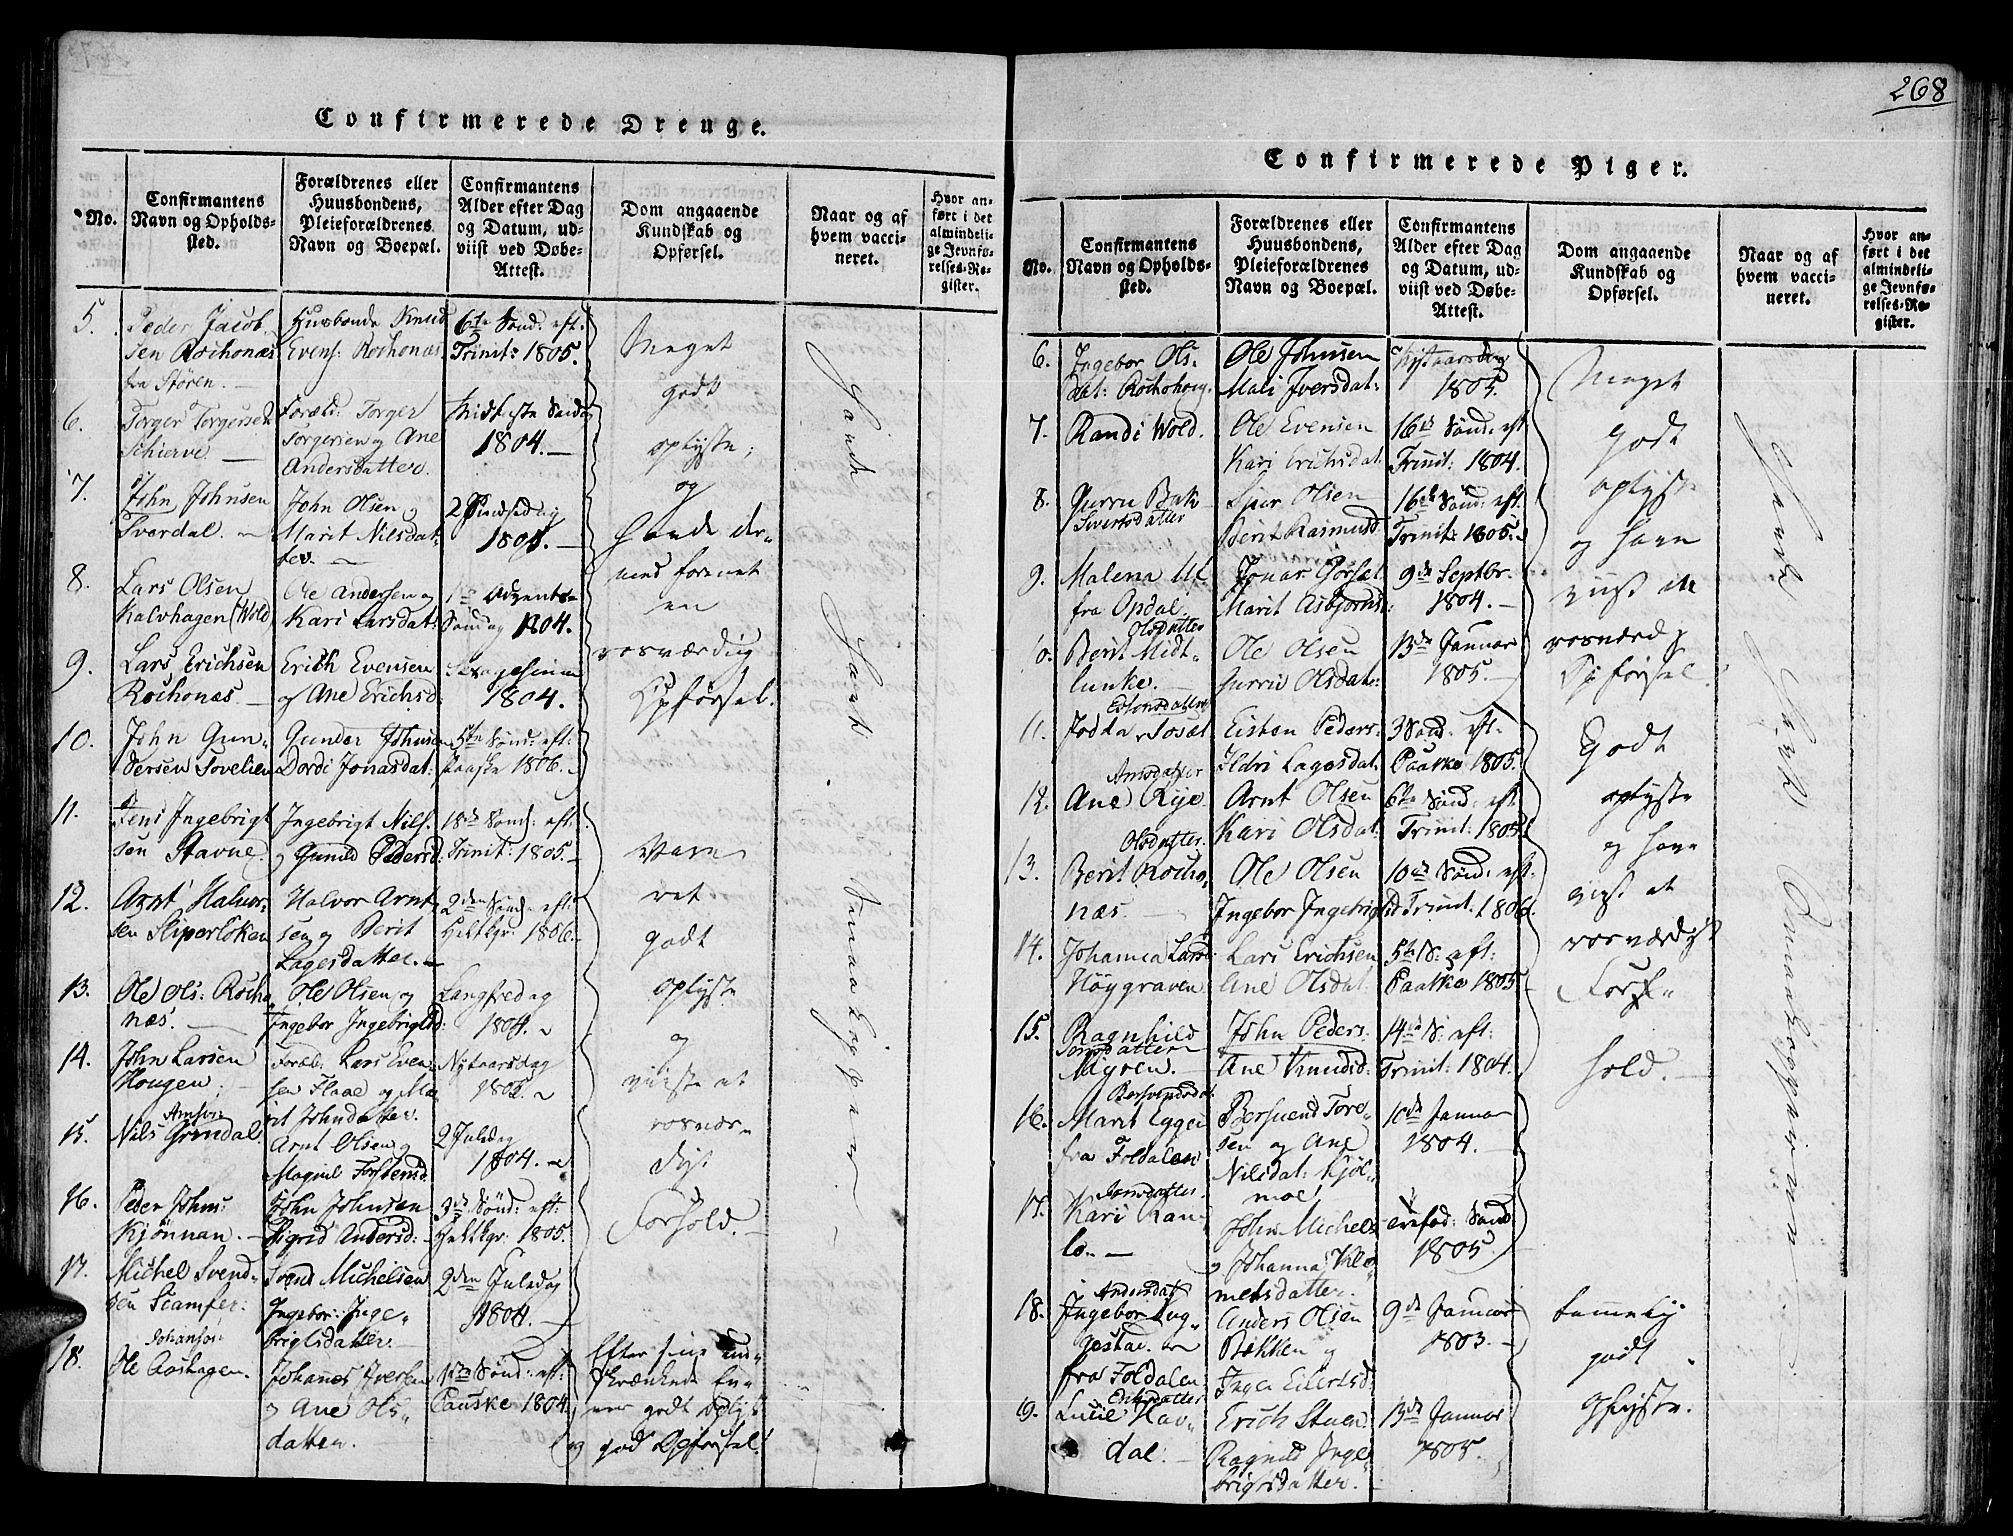 SAT, Ministerialprotokoller, klokkerbøker og fødselsregistre - Sør-Trøndelag, 672/L0854: Ministerialbok nr. 672A06 /2, 1816-1829, s. 268